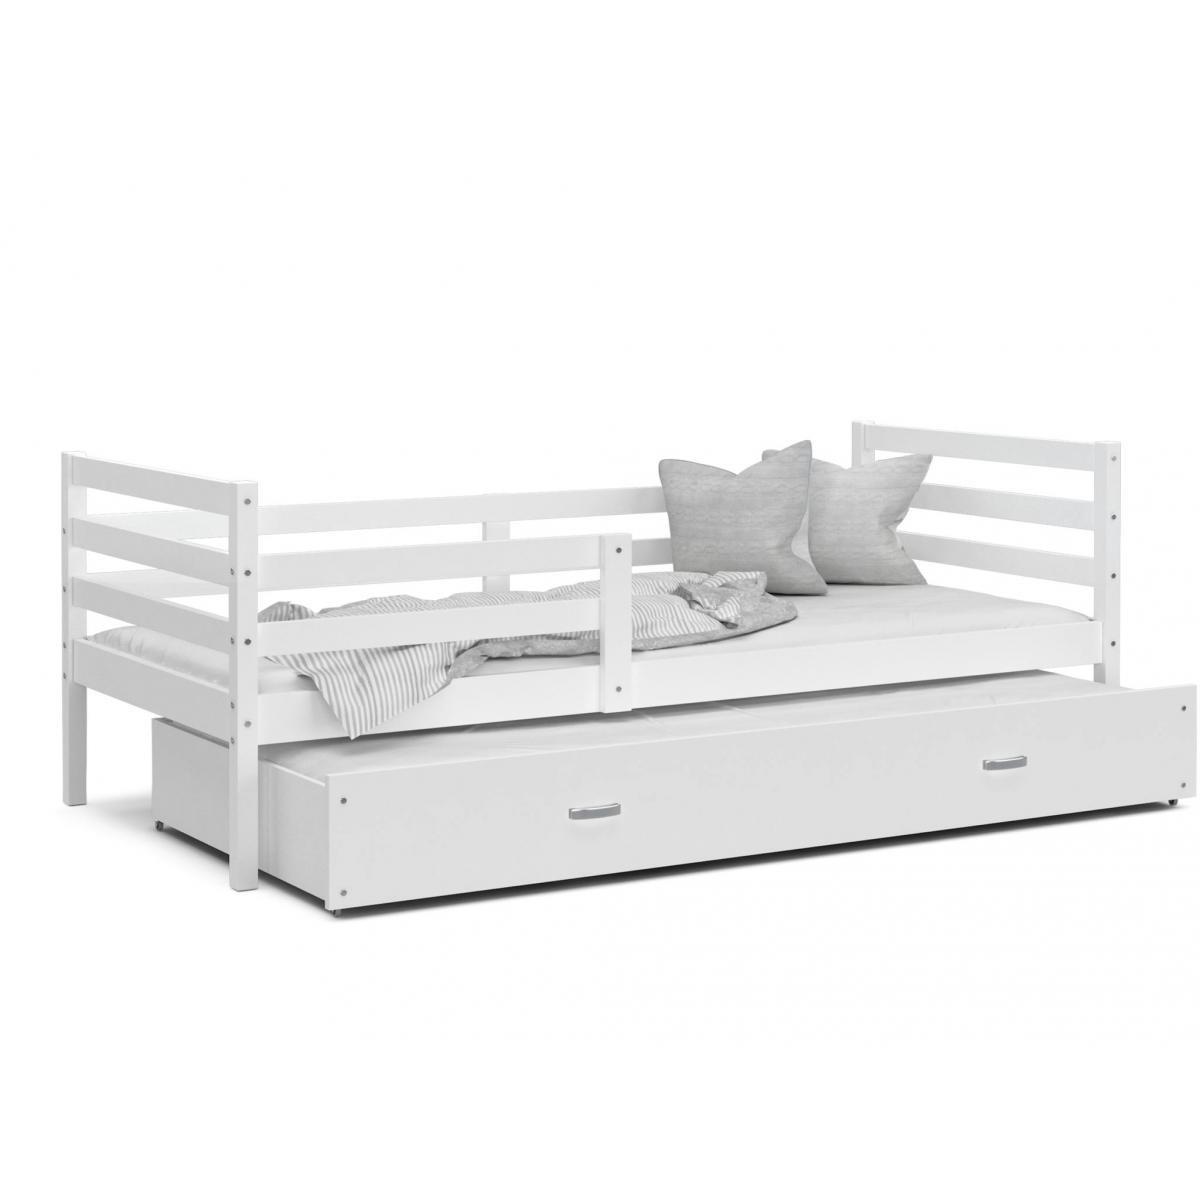 Kids Literie LIT Gigogne Milo 90x190 Blanc - Blanc livré avec sommier, tiroir et matelas de 7cm OFFERT.